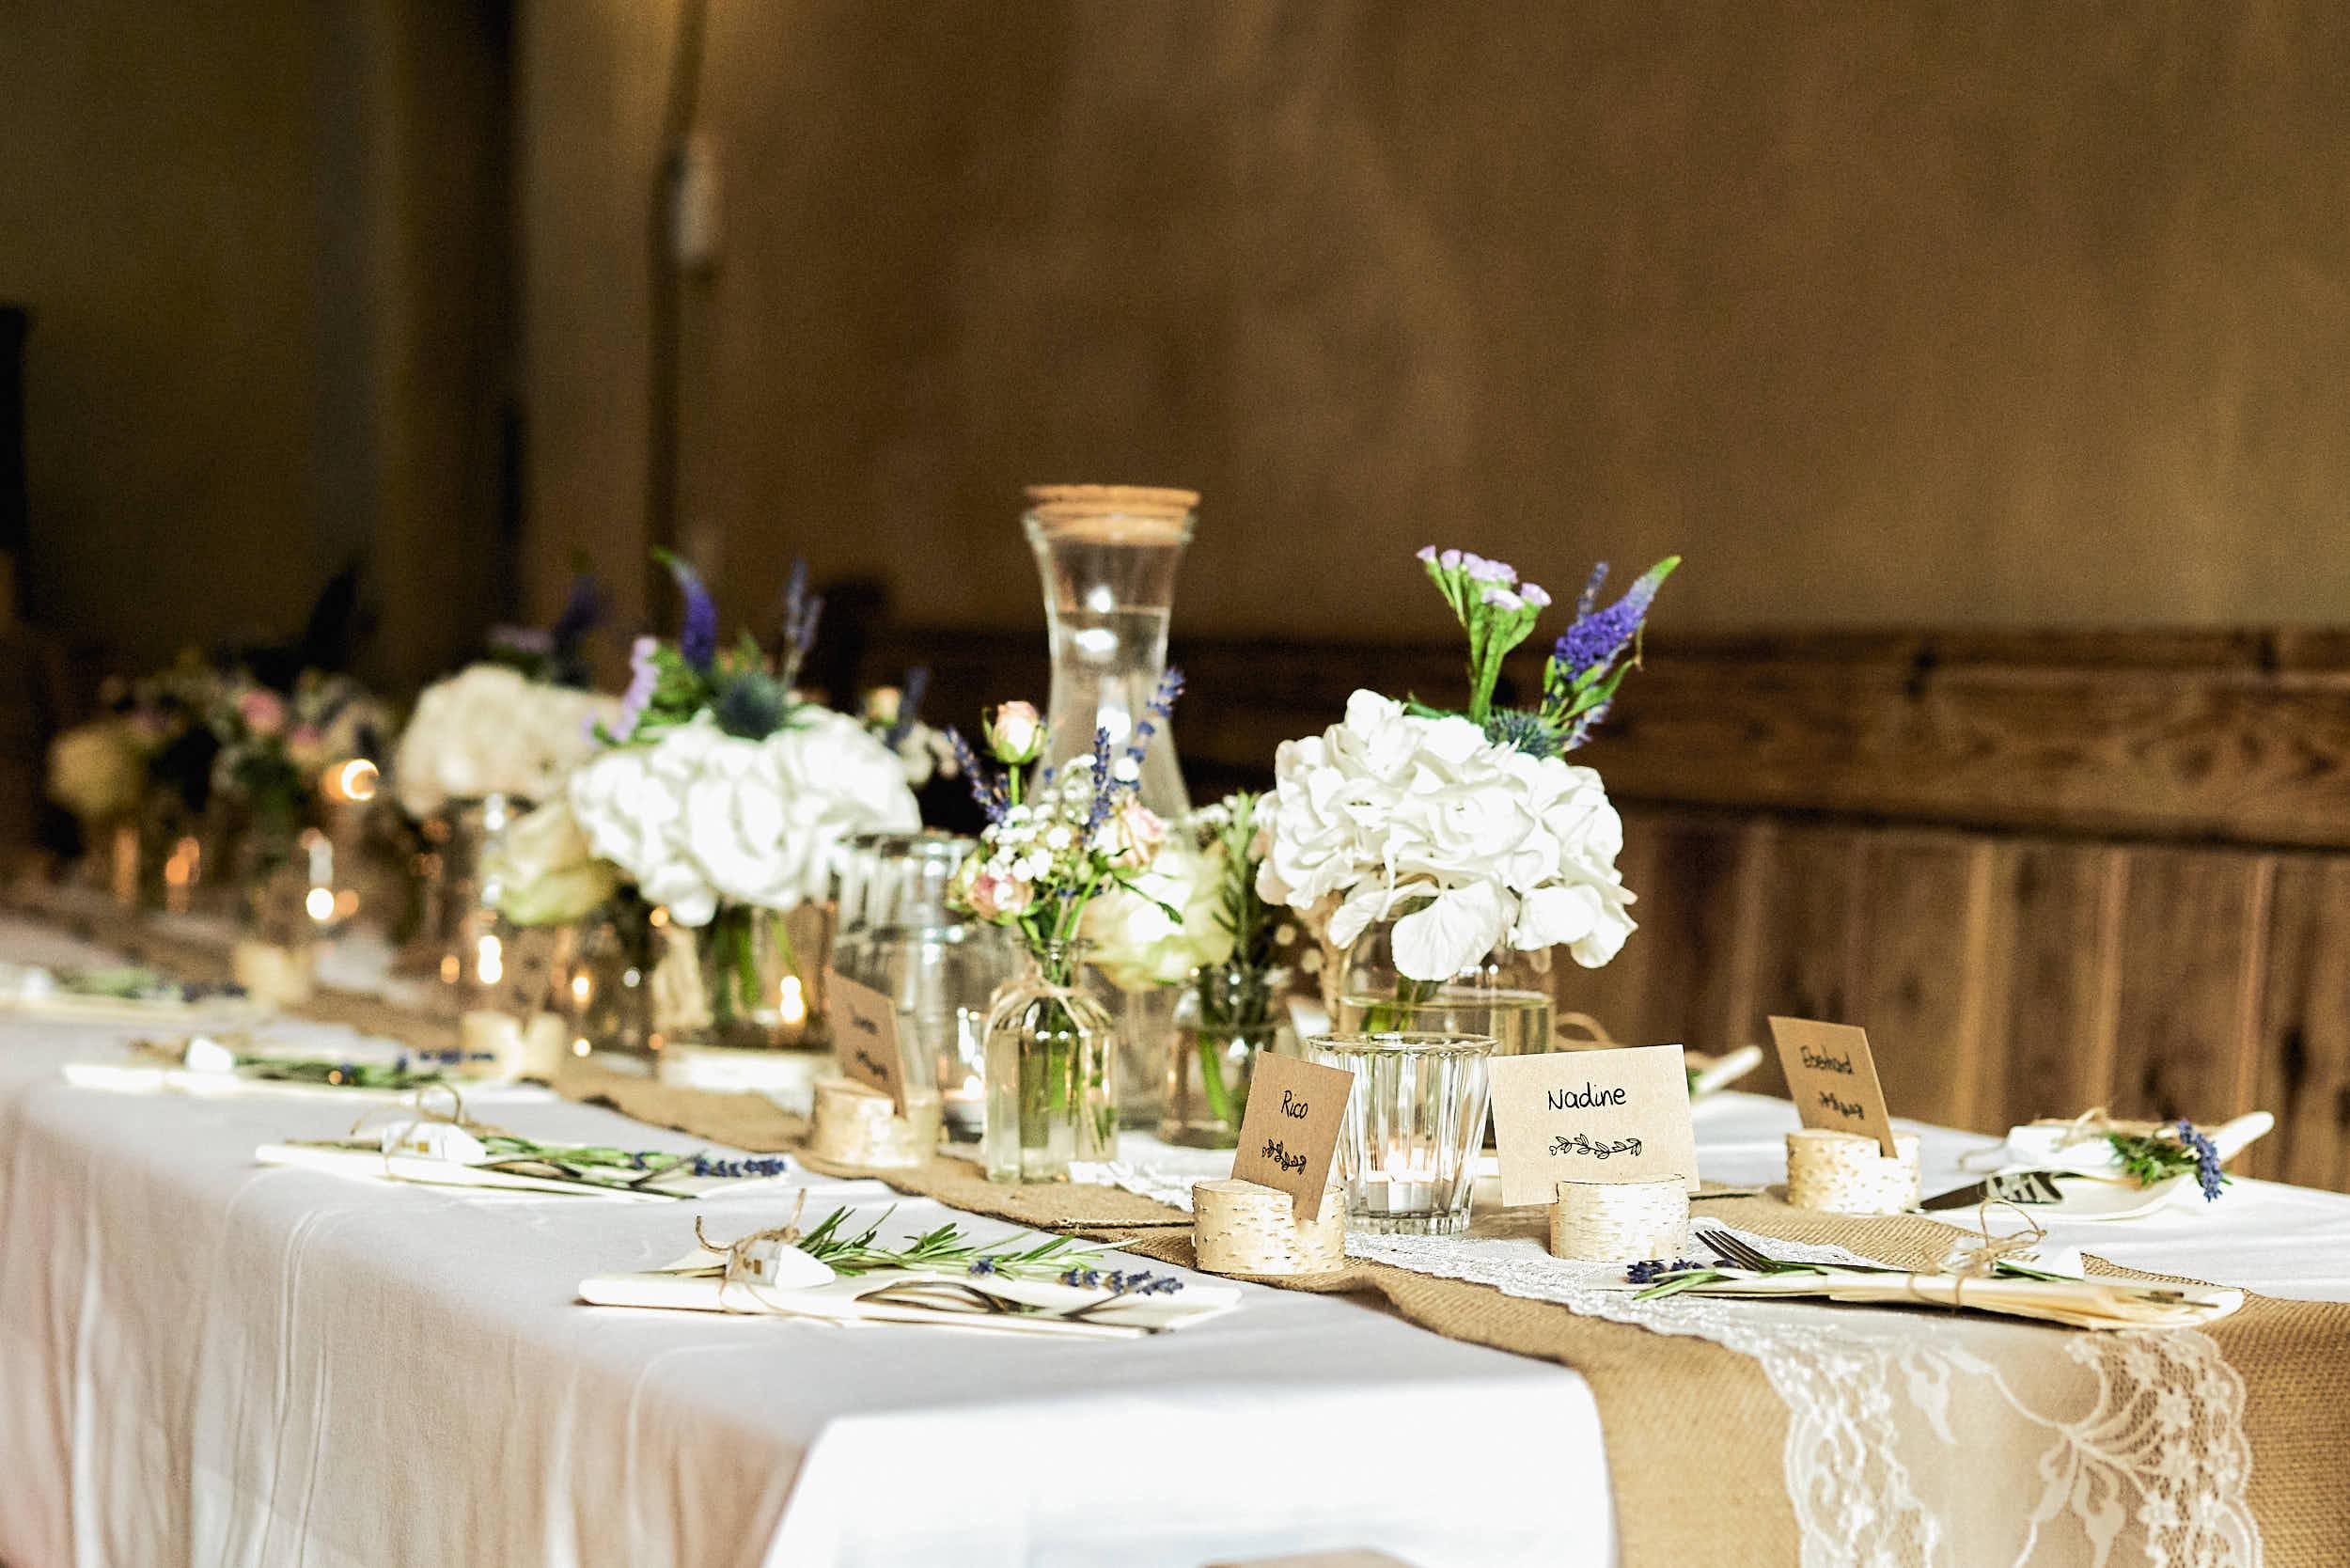 Vegane Hochzeit feiern mit schöner Tischdekoration